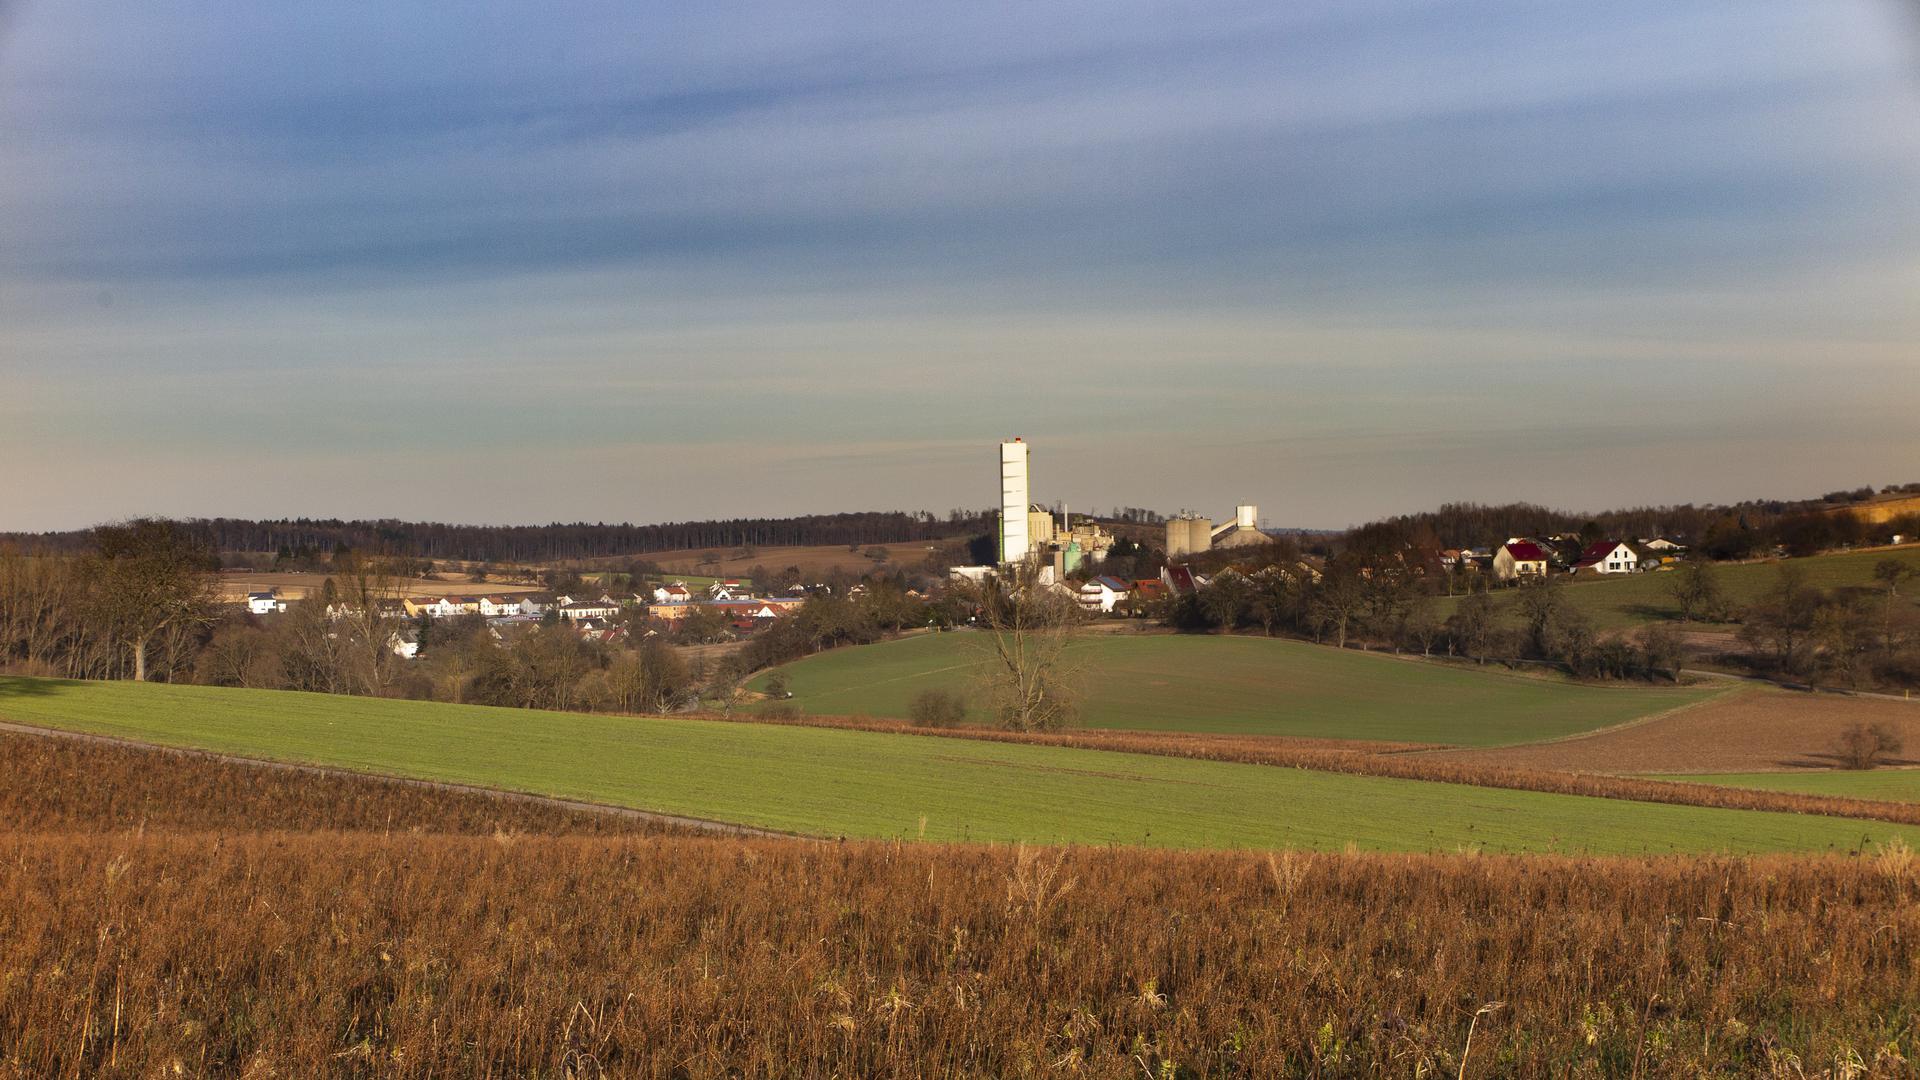 Das Wössinger Zementwerk dominiert das Panorama des Kraichdorfs.